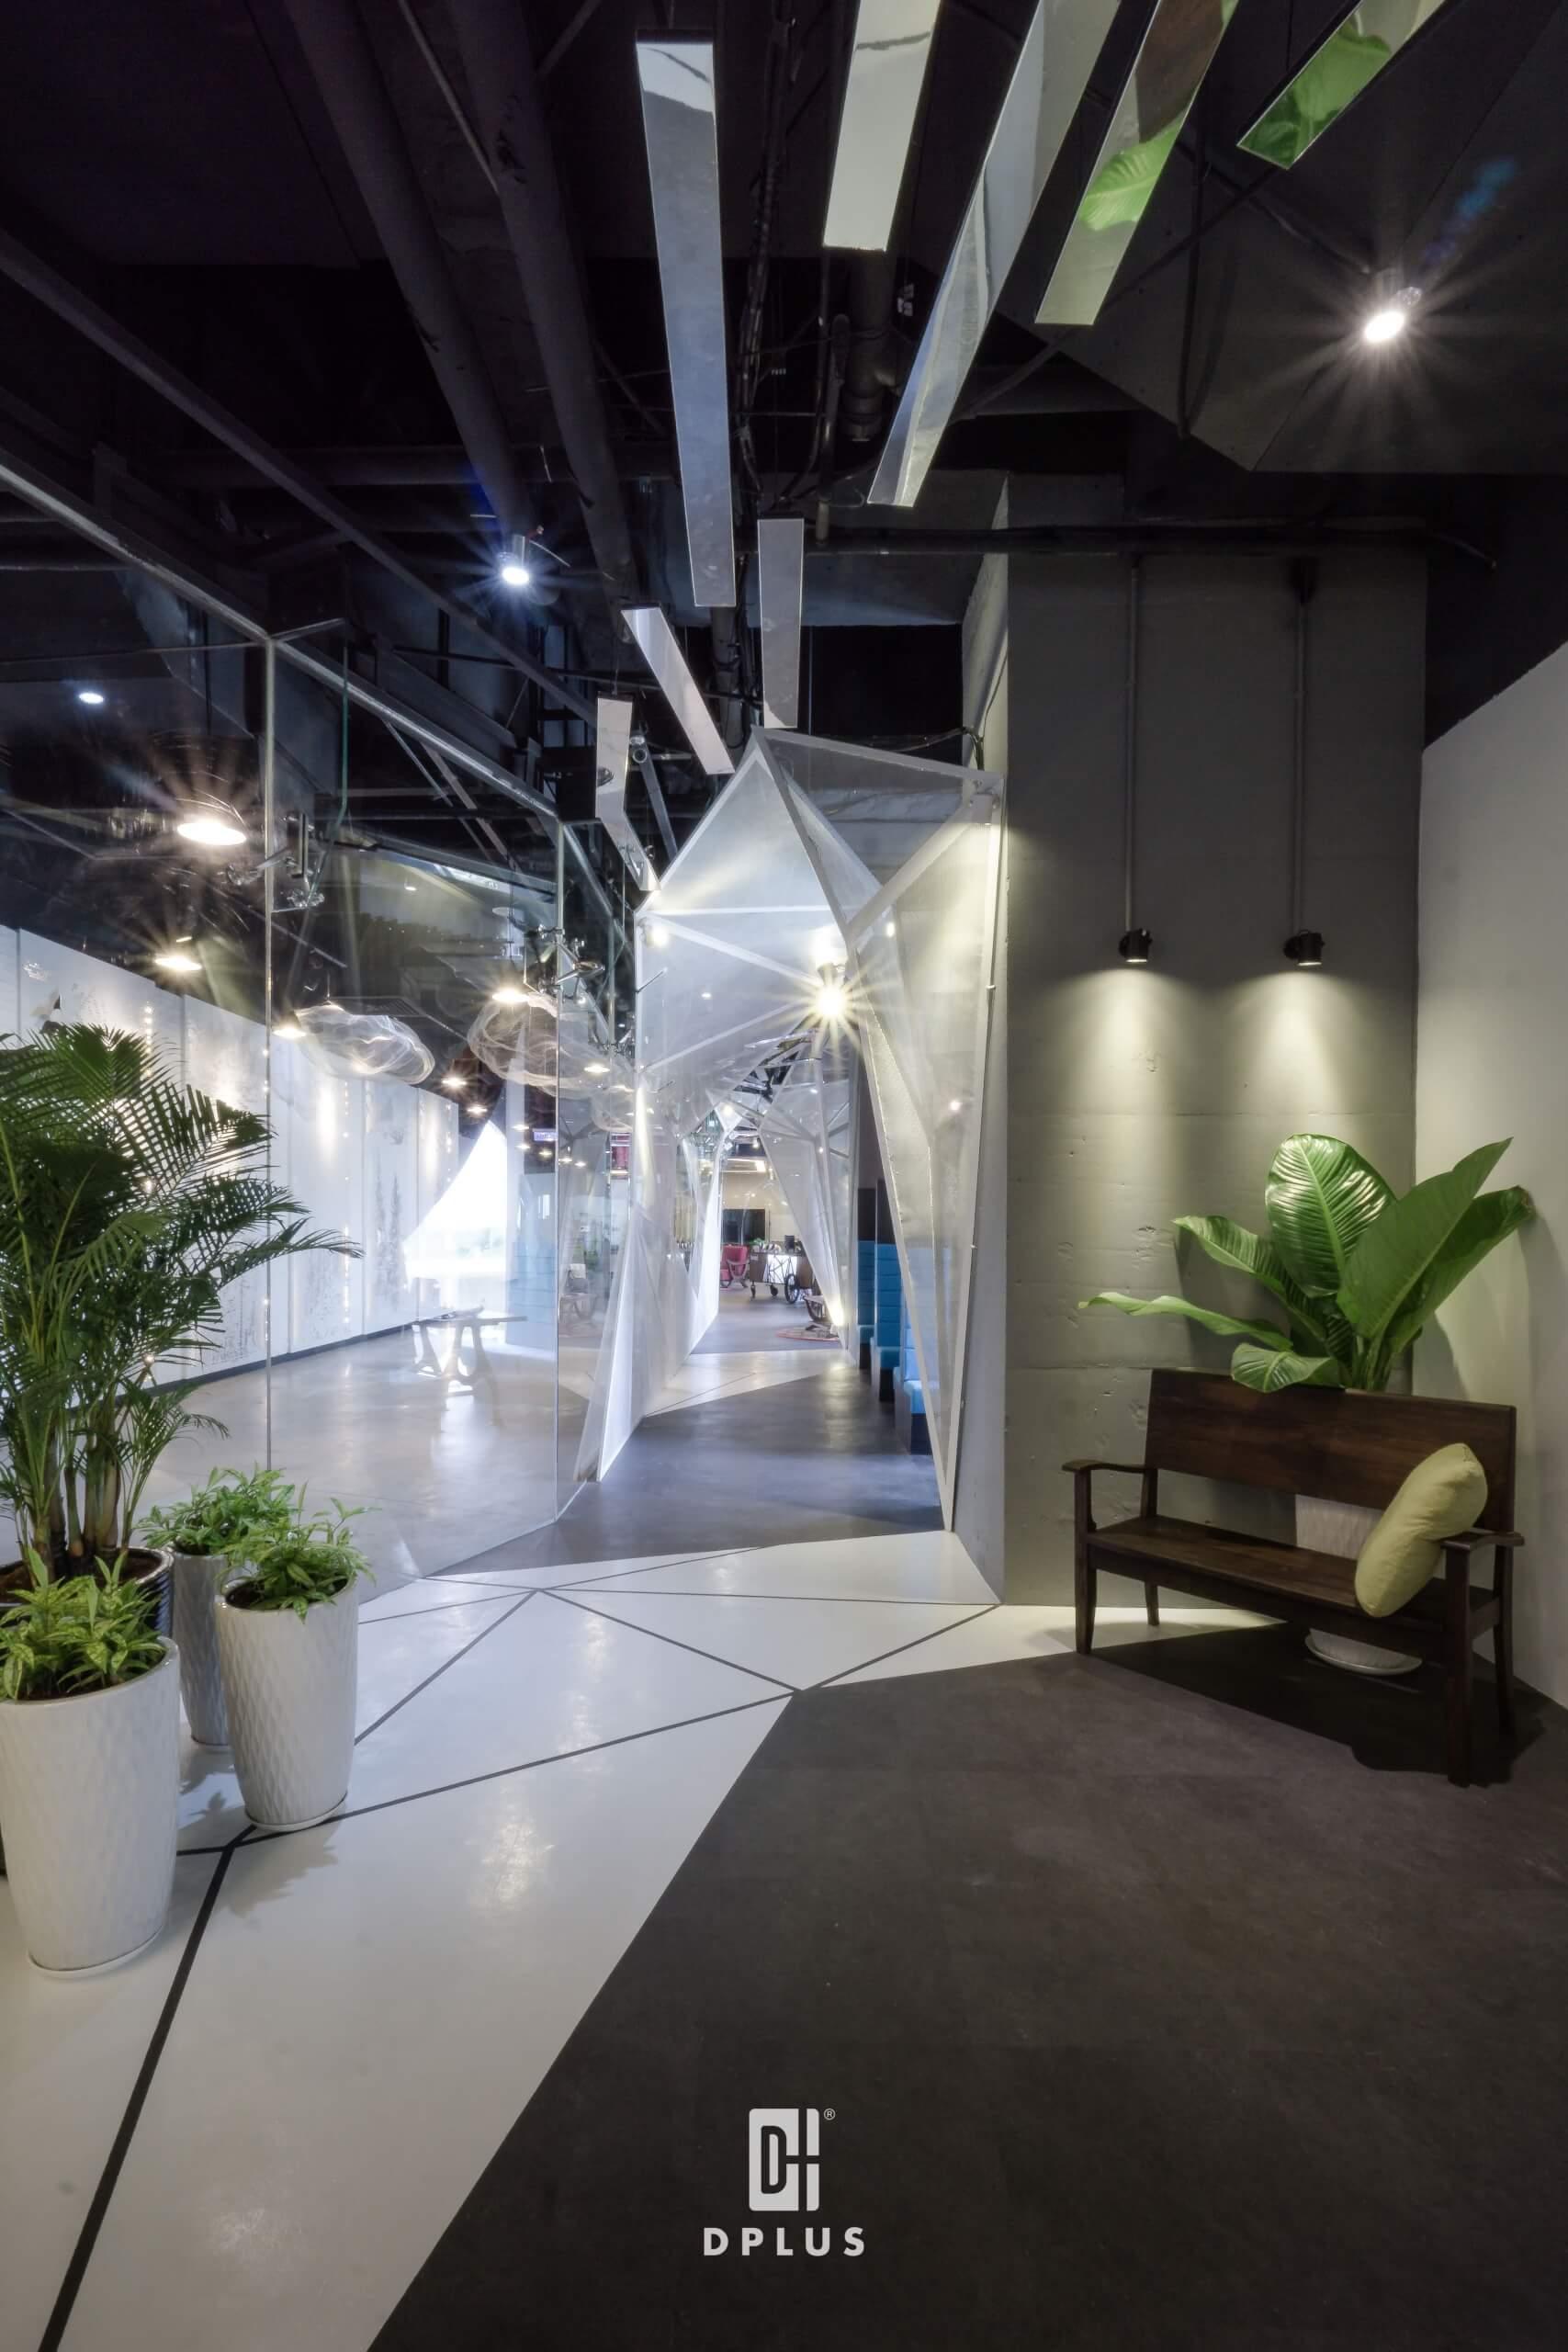 phong cách đương đại giúp văn hóa bản địa được thể hiện sắc nét tại Toong at the Oxygen